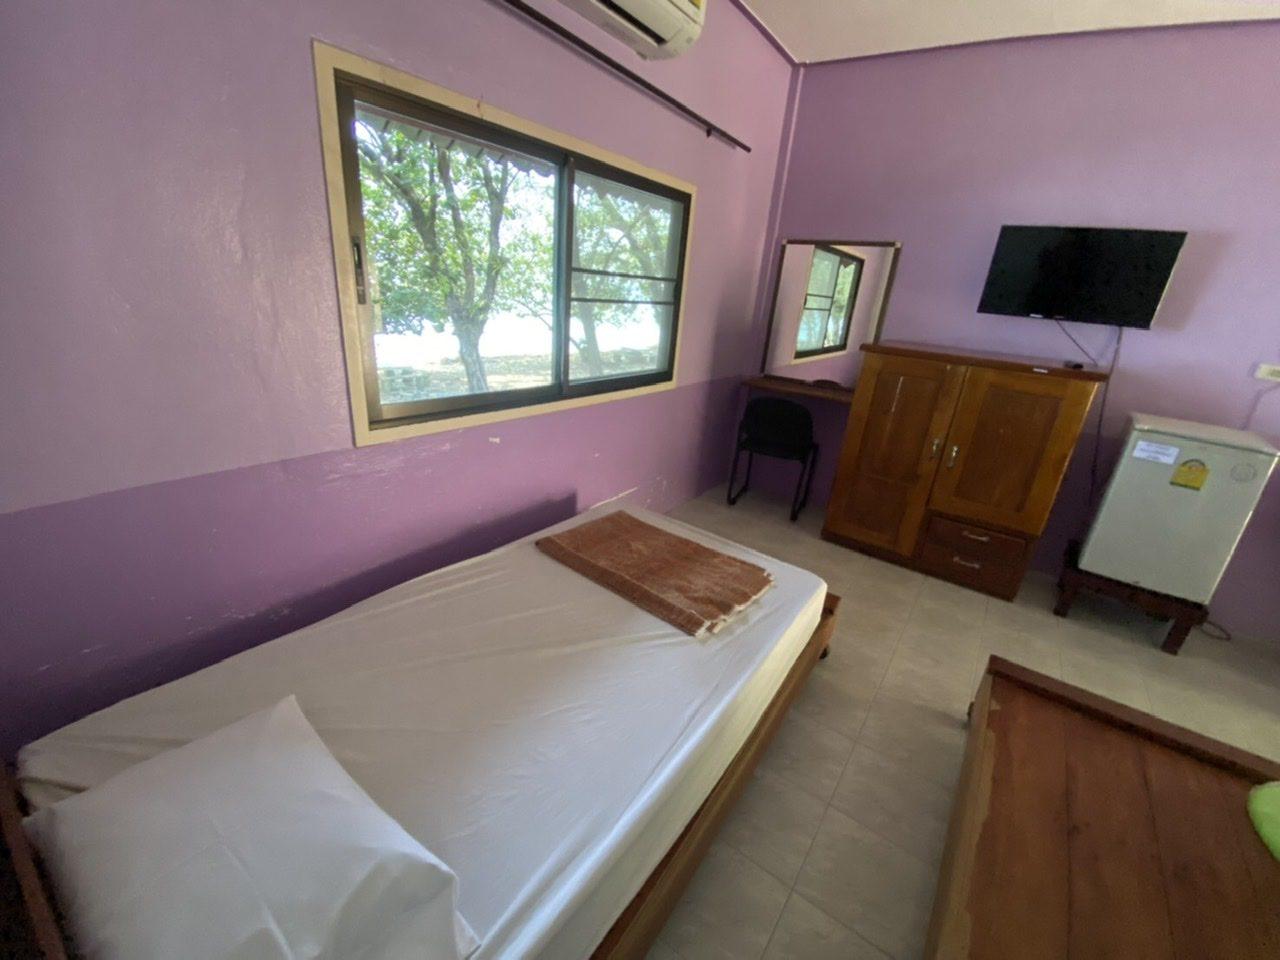 สภากาชาดไทยให้จ.ตราดใช้ศูนย์ราชการการุณย์ฯเป็นที่พักกักผู้เสี่ยงโควิด